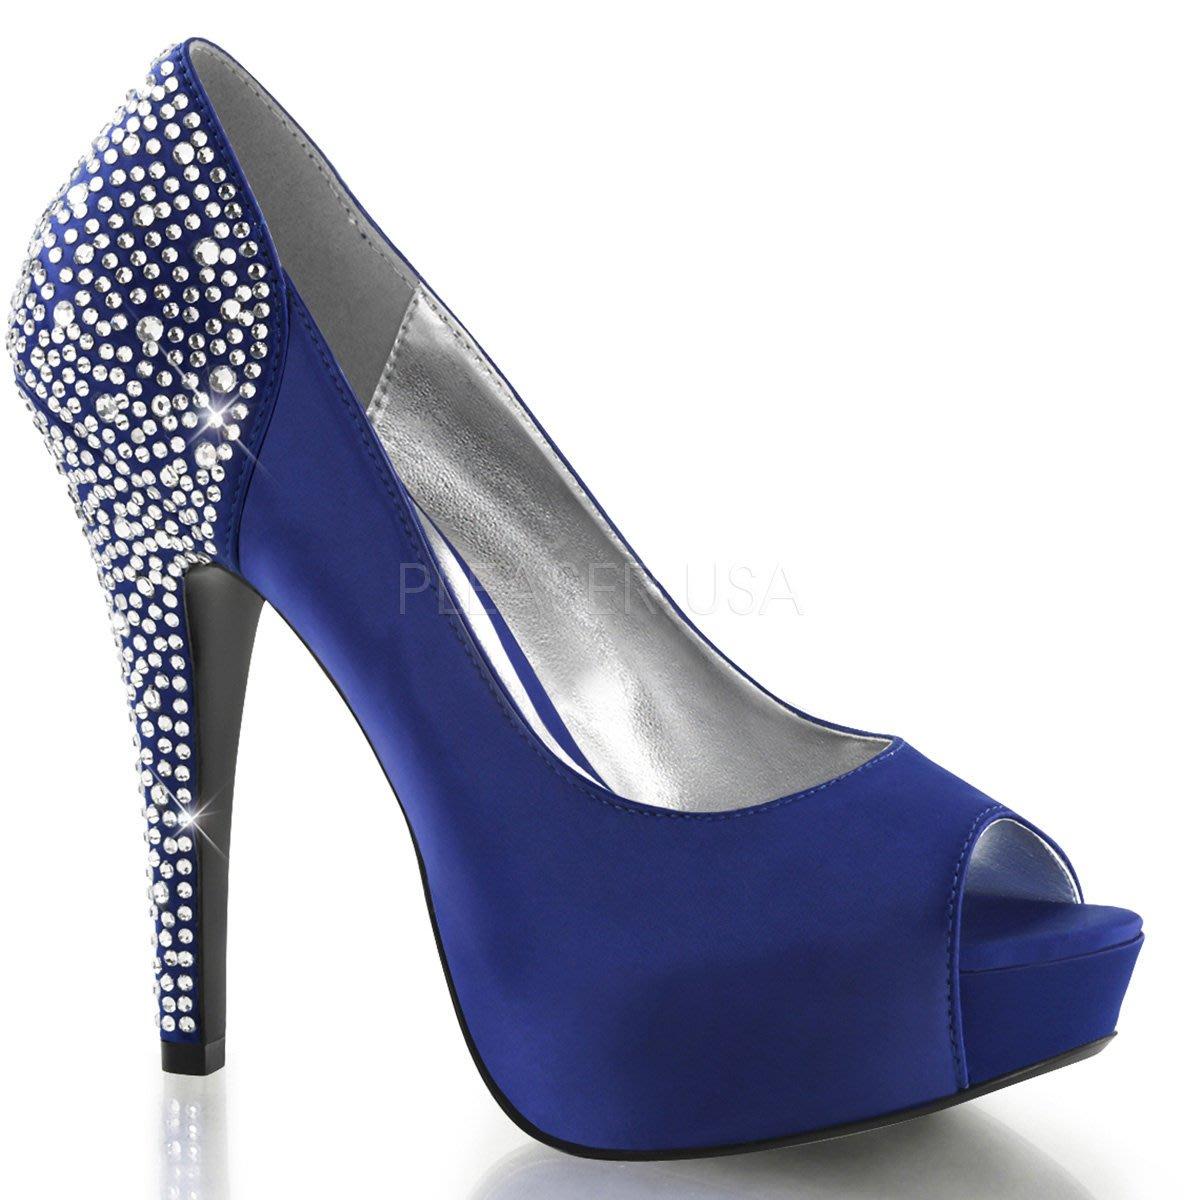 Shoes InStyle《五吋》美國品牌 FABULICIOUS 原廠正品水鑚緞面厚底高跟魚口鞋 有大尺碼『藍色』